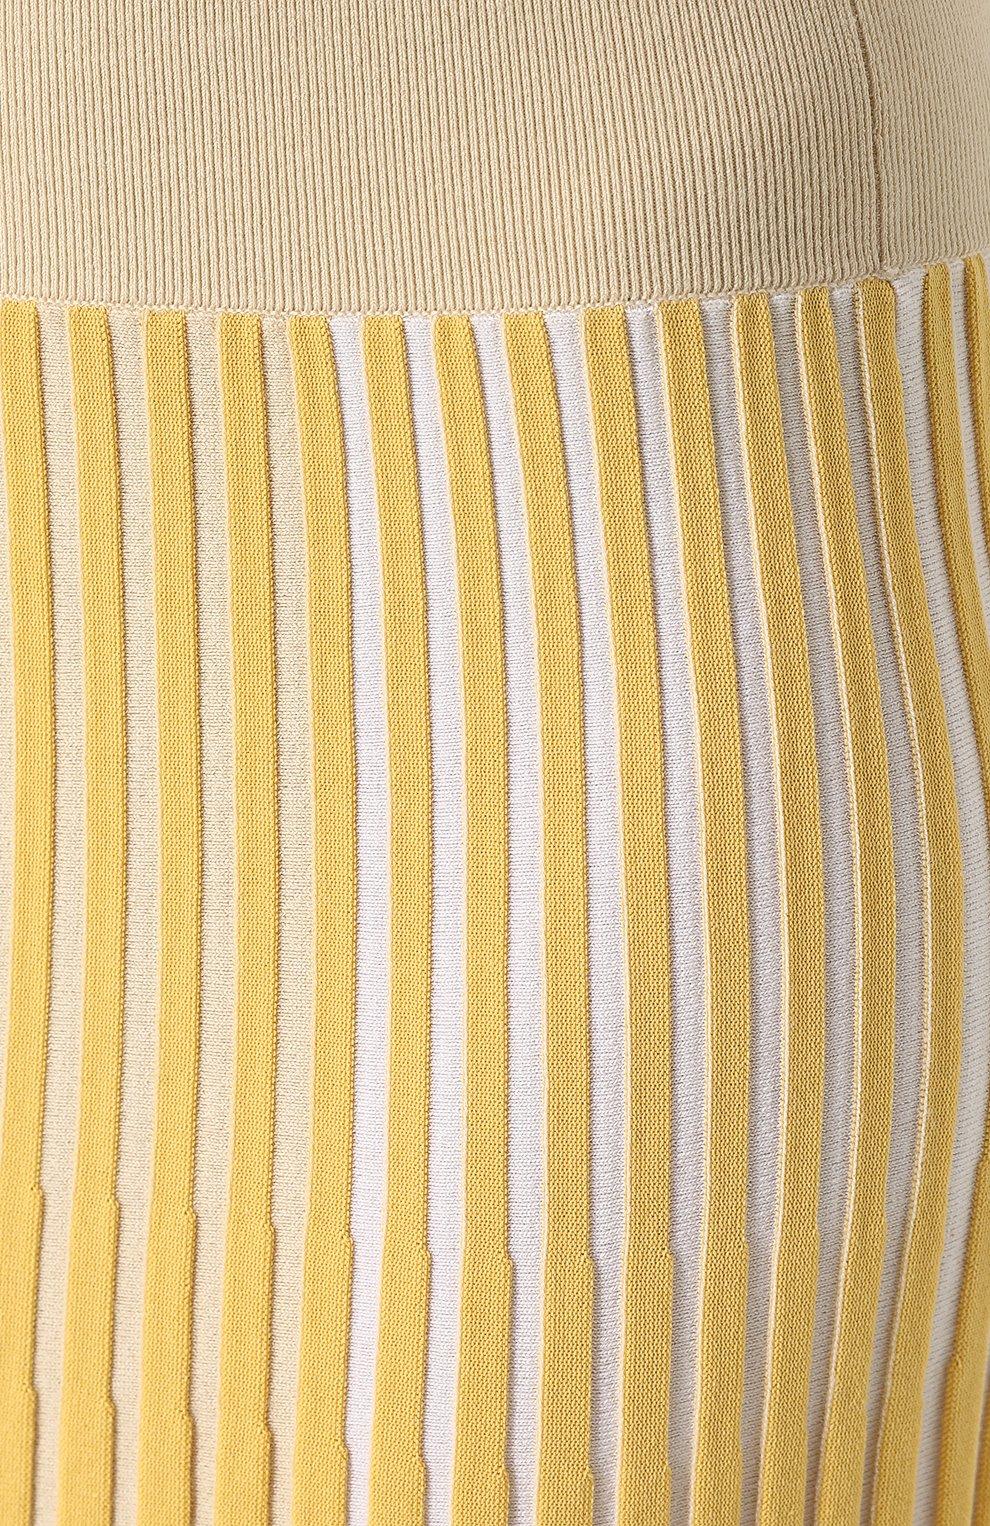 Женская юбка-миди фактурной вязки из смеси кашемира и хлопка TSE желтого цвета, арт. TWK231S18B | Фото 5